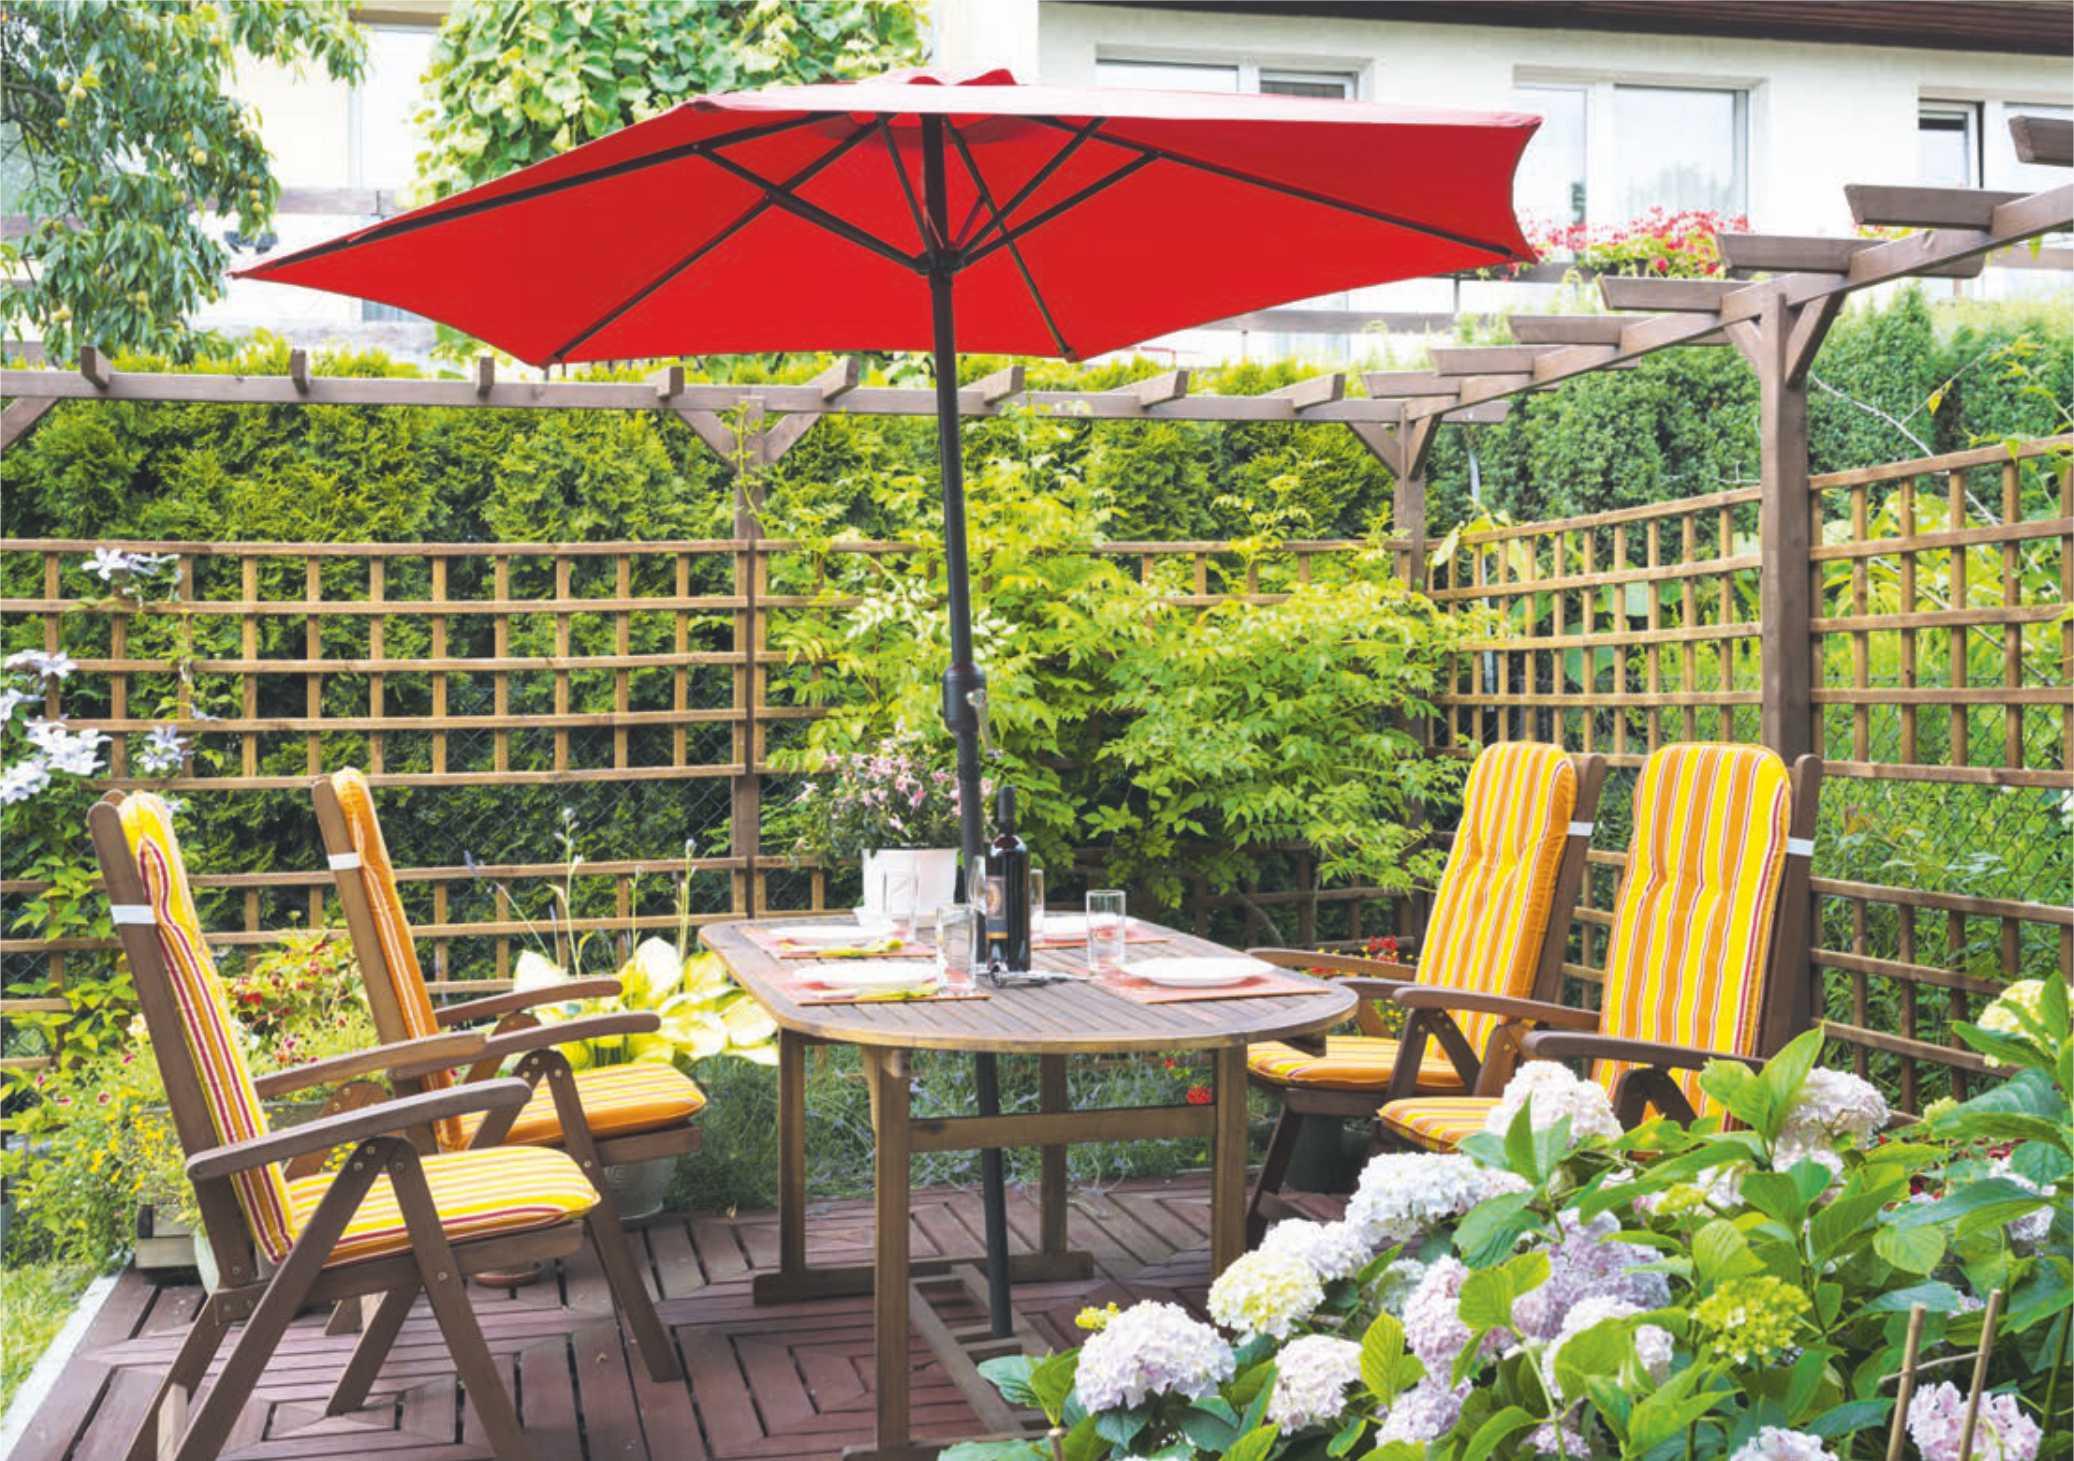 parasol-sposob-na-przyjemny-cien